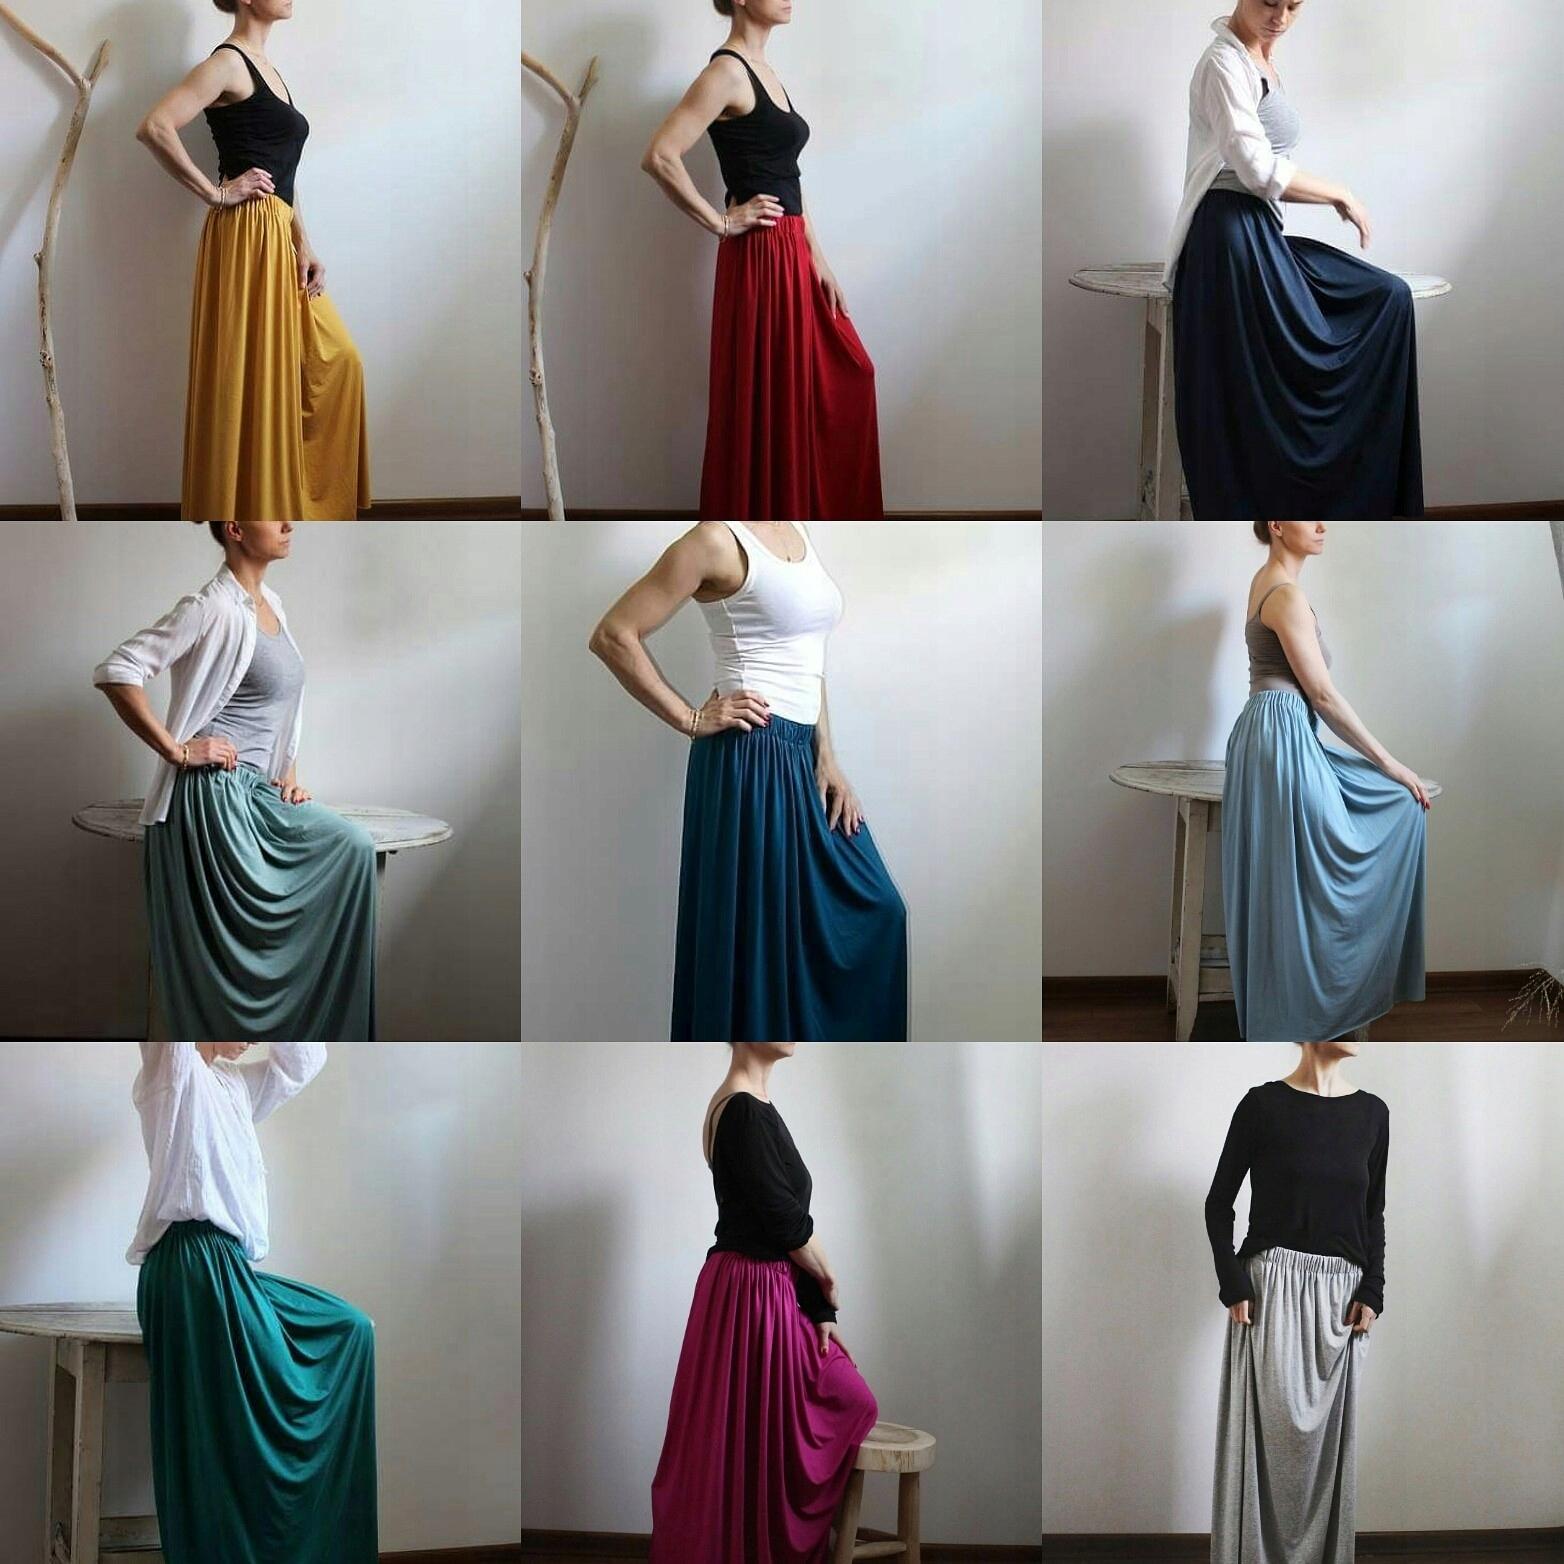 c0abffa9760f82 Długa zwiewna letnia spódnica kolory - 7350047850 - oficjalne ...